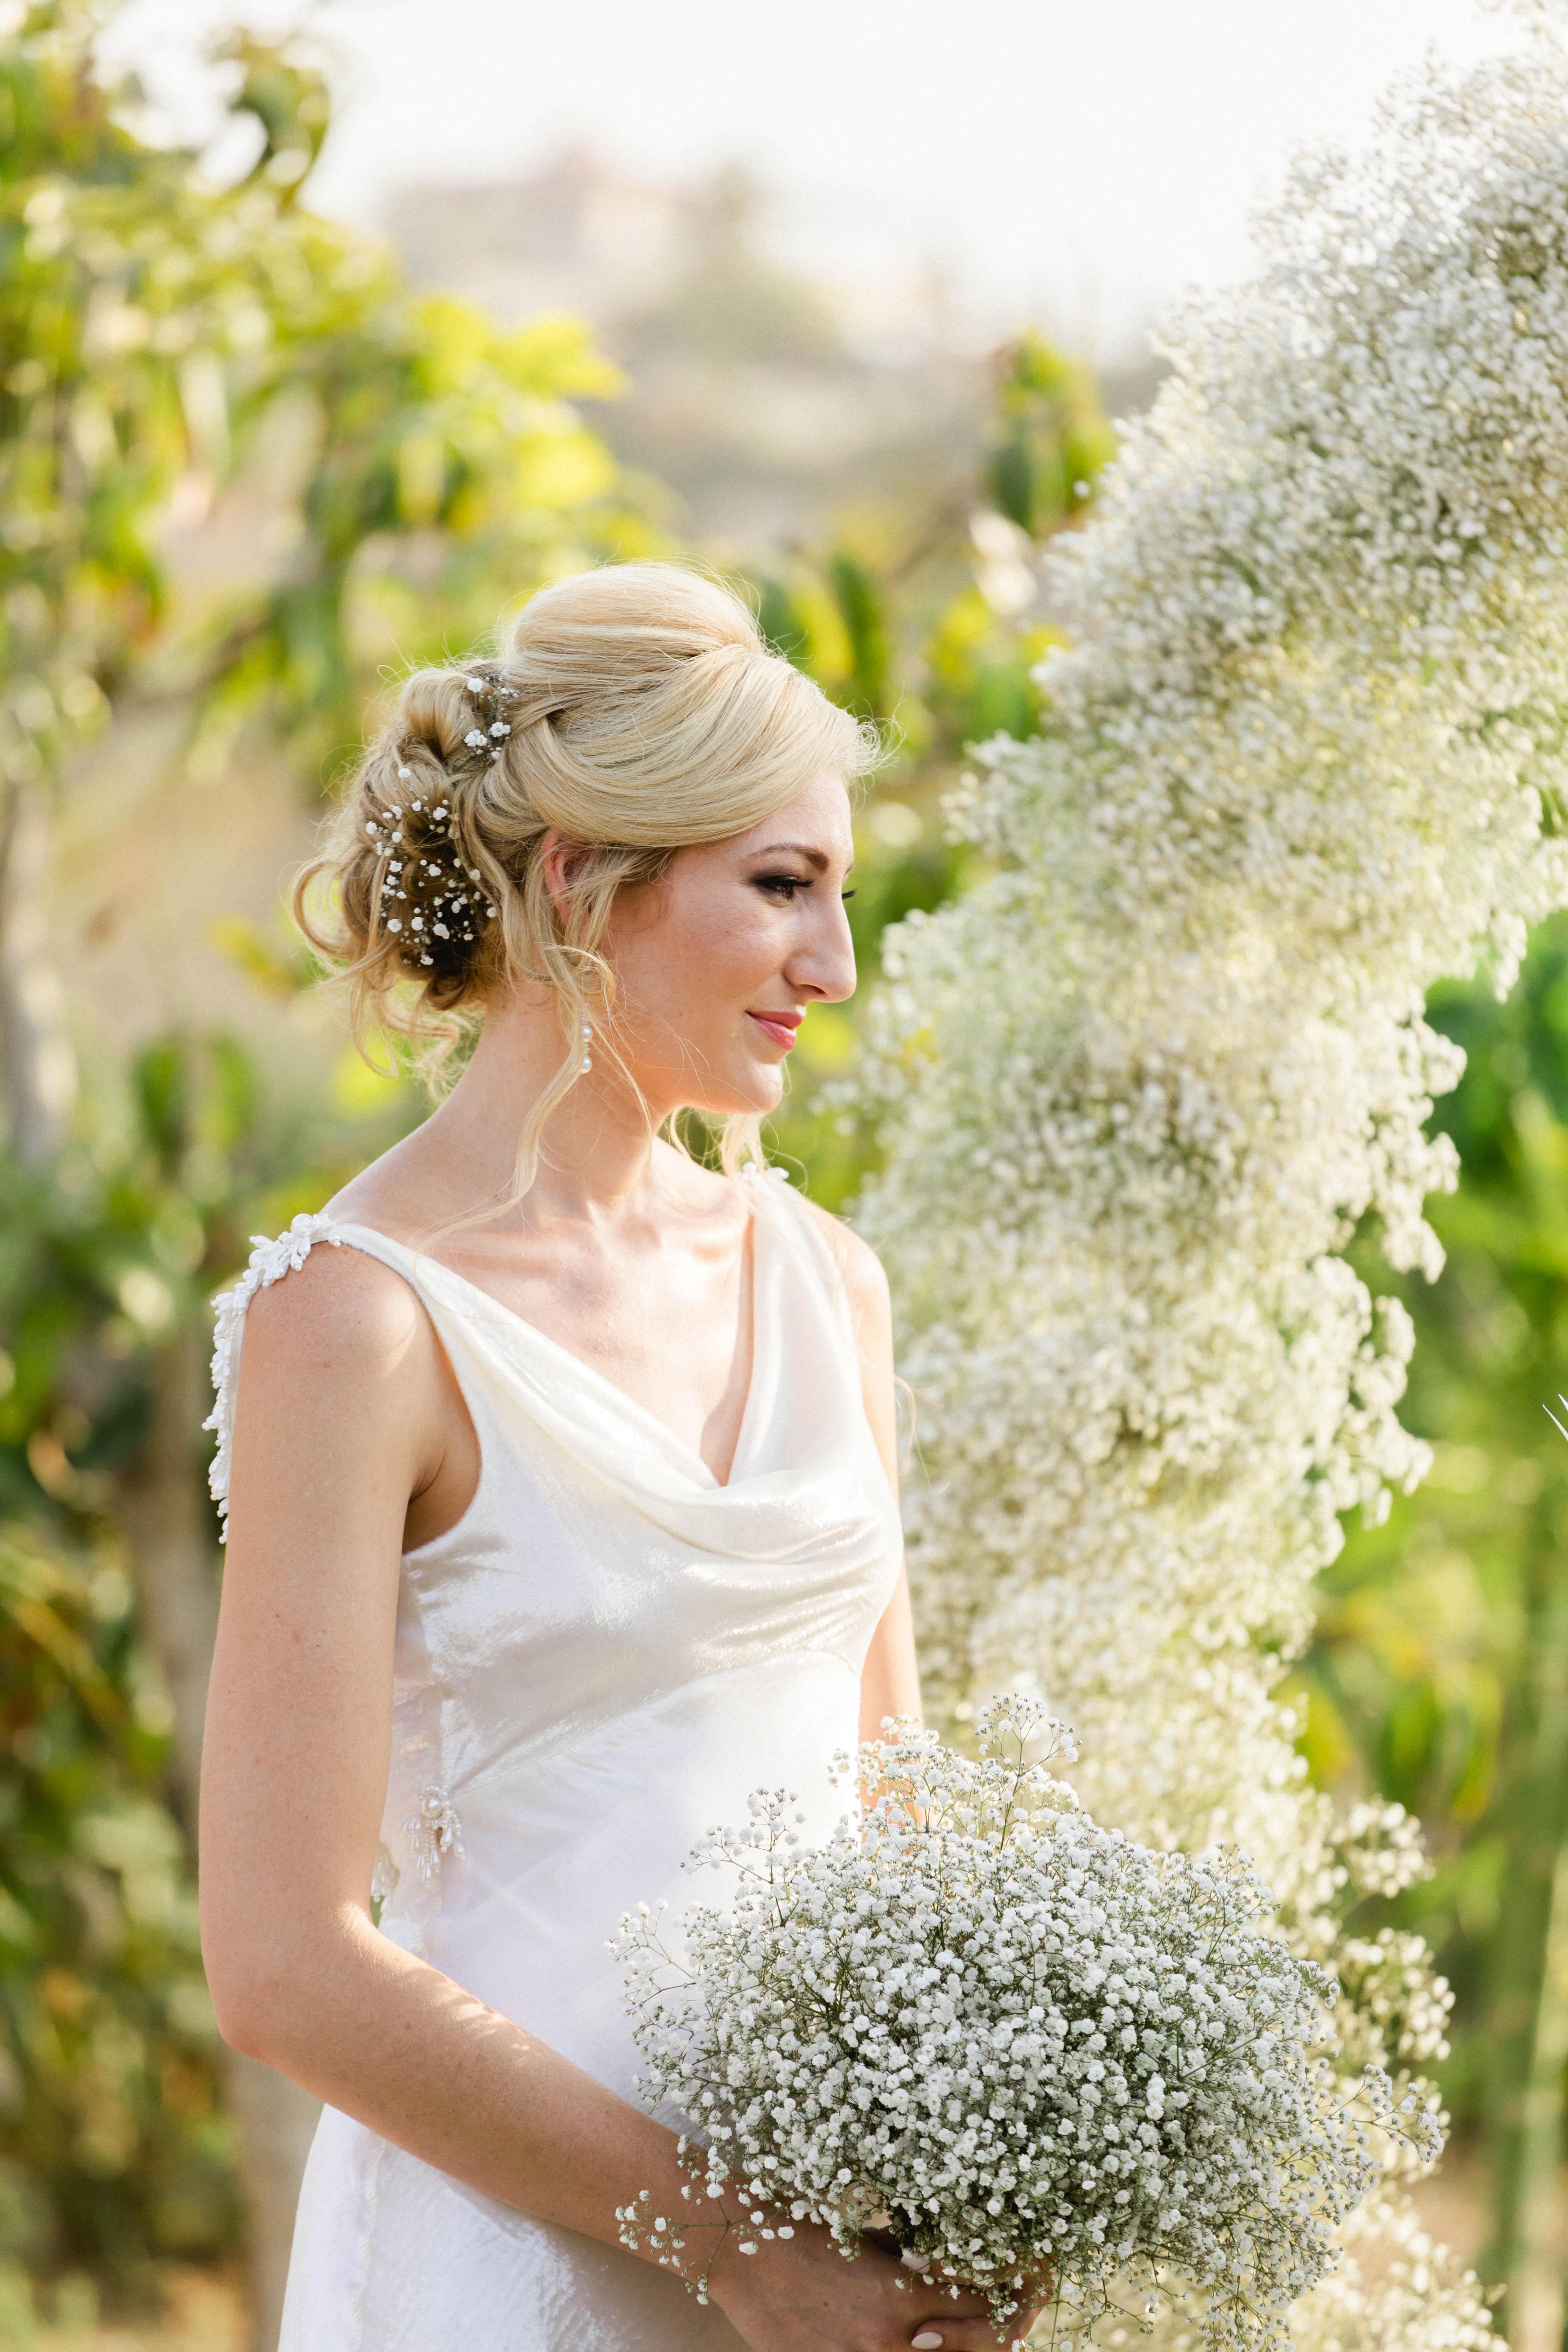 brittany craig wedding updo